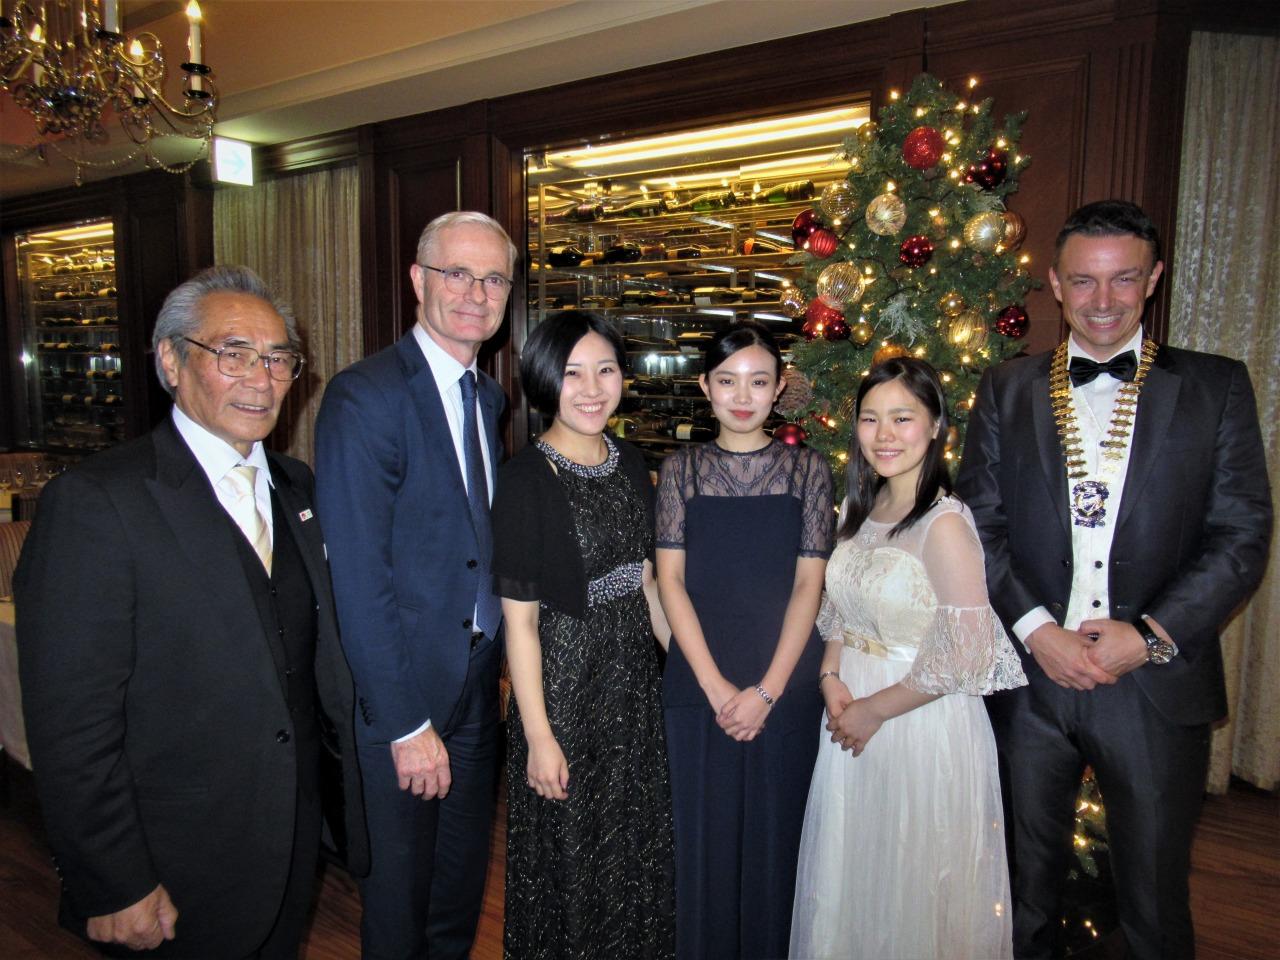 石塚理事長、Mr. Bloomer、中居先生、YSCJ小久保さん、津田さん、Mr. Clerc